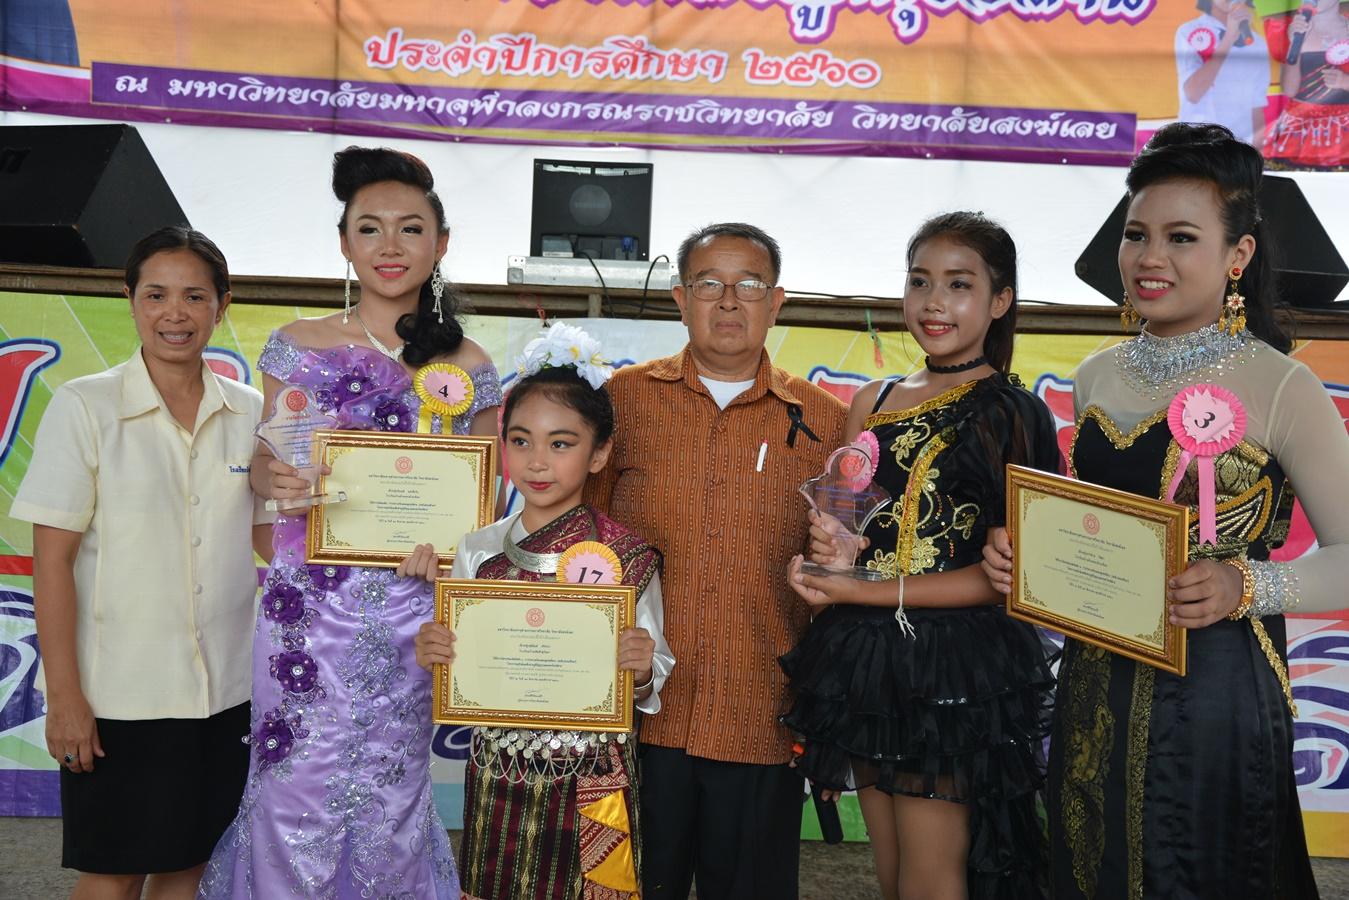 โครงการอนุรักษ์และสืบสานภูมิปัญญาและมรดกไทยอีสาน การประกวดร้องเพลงลูกทุ่งอีสาน